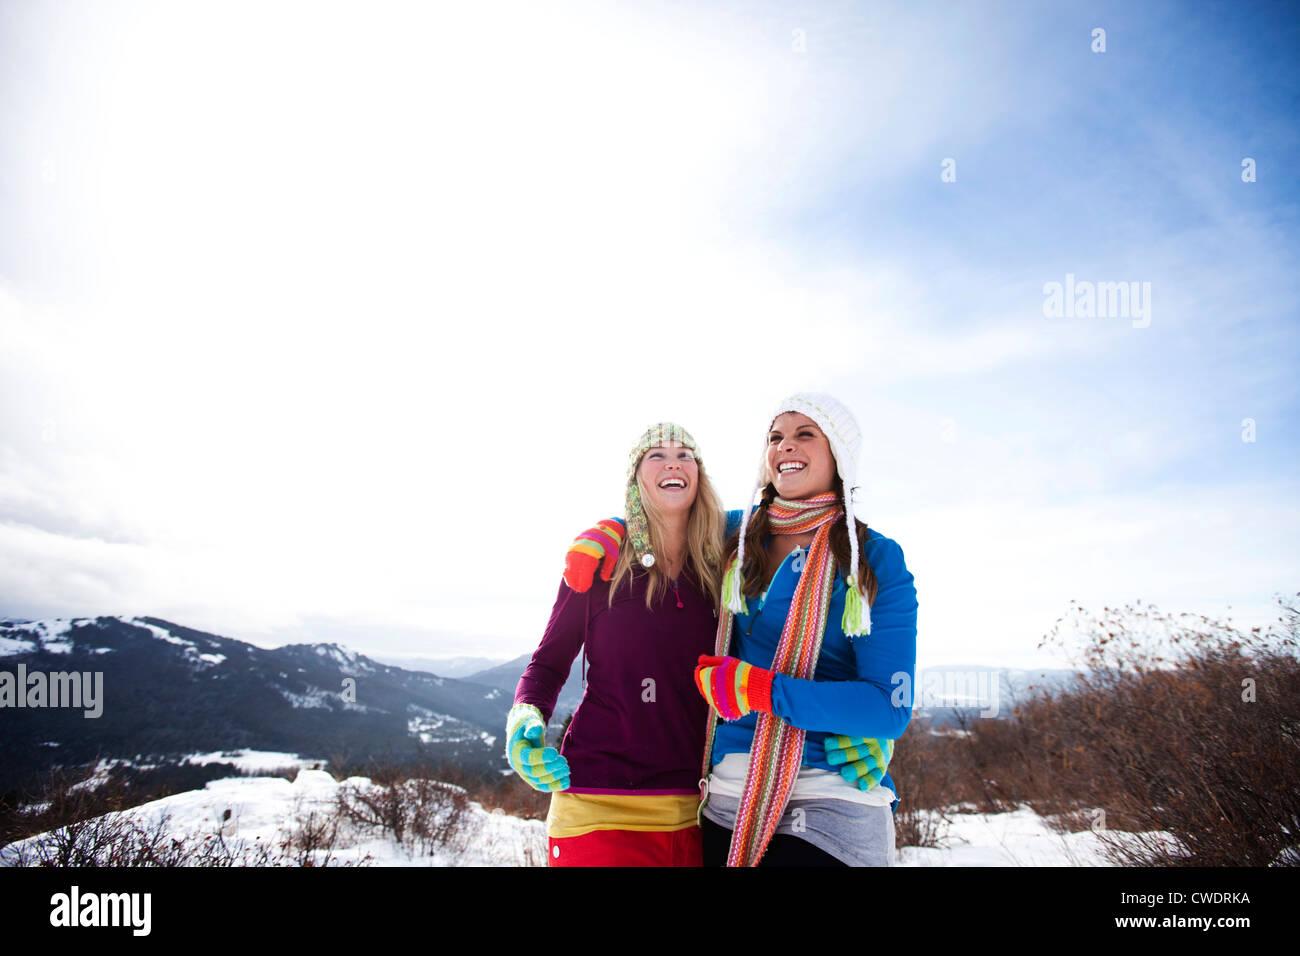 Dos mujeres jóvenes reír y sonreír mientras senderismo en la nieve en un hermoso día de invierno Imagen De Stock